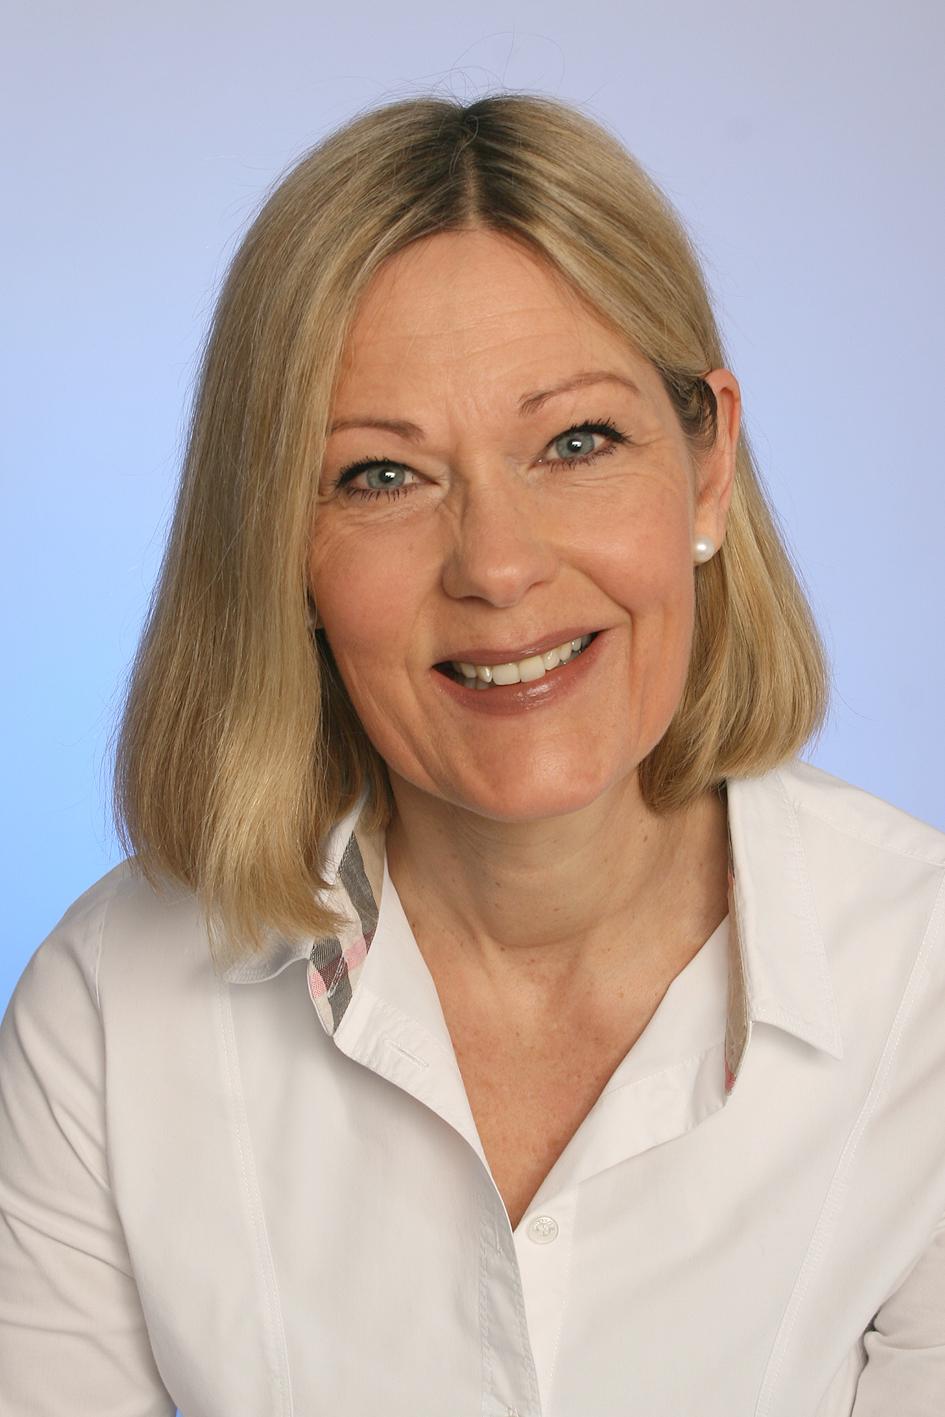 Andrea Schenke